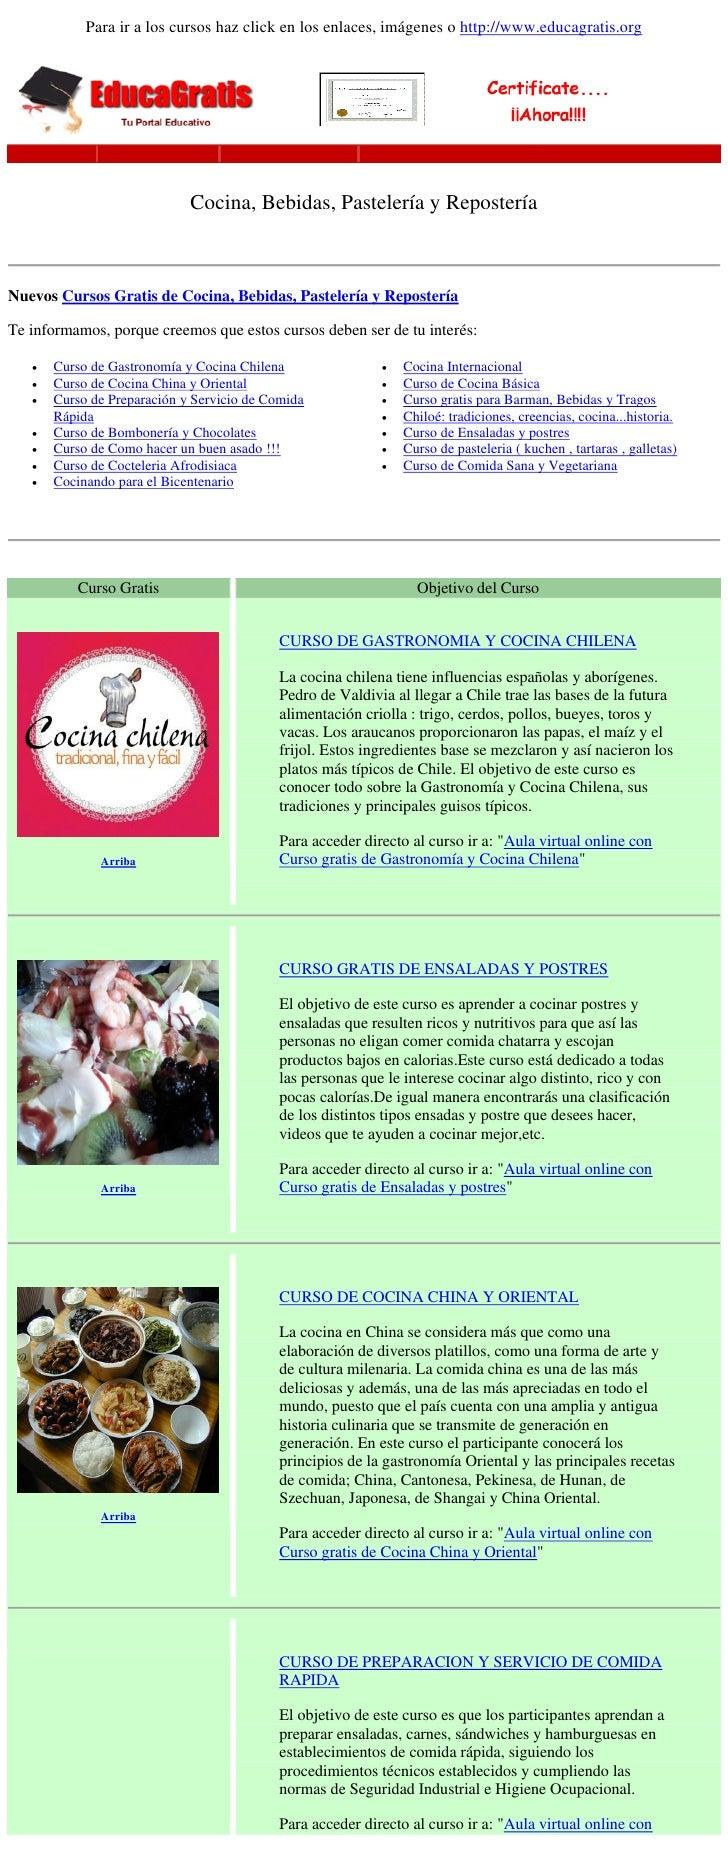 Cursos gratis de cocina bebidas pasteler a y reposter a - Cursos de cocina barcelona gratis ...